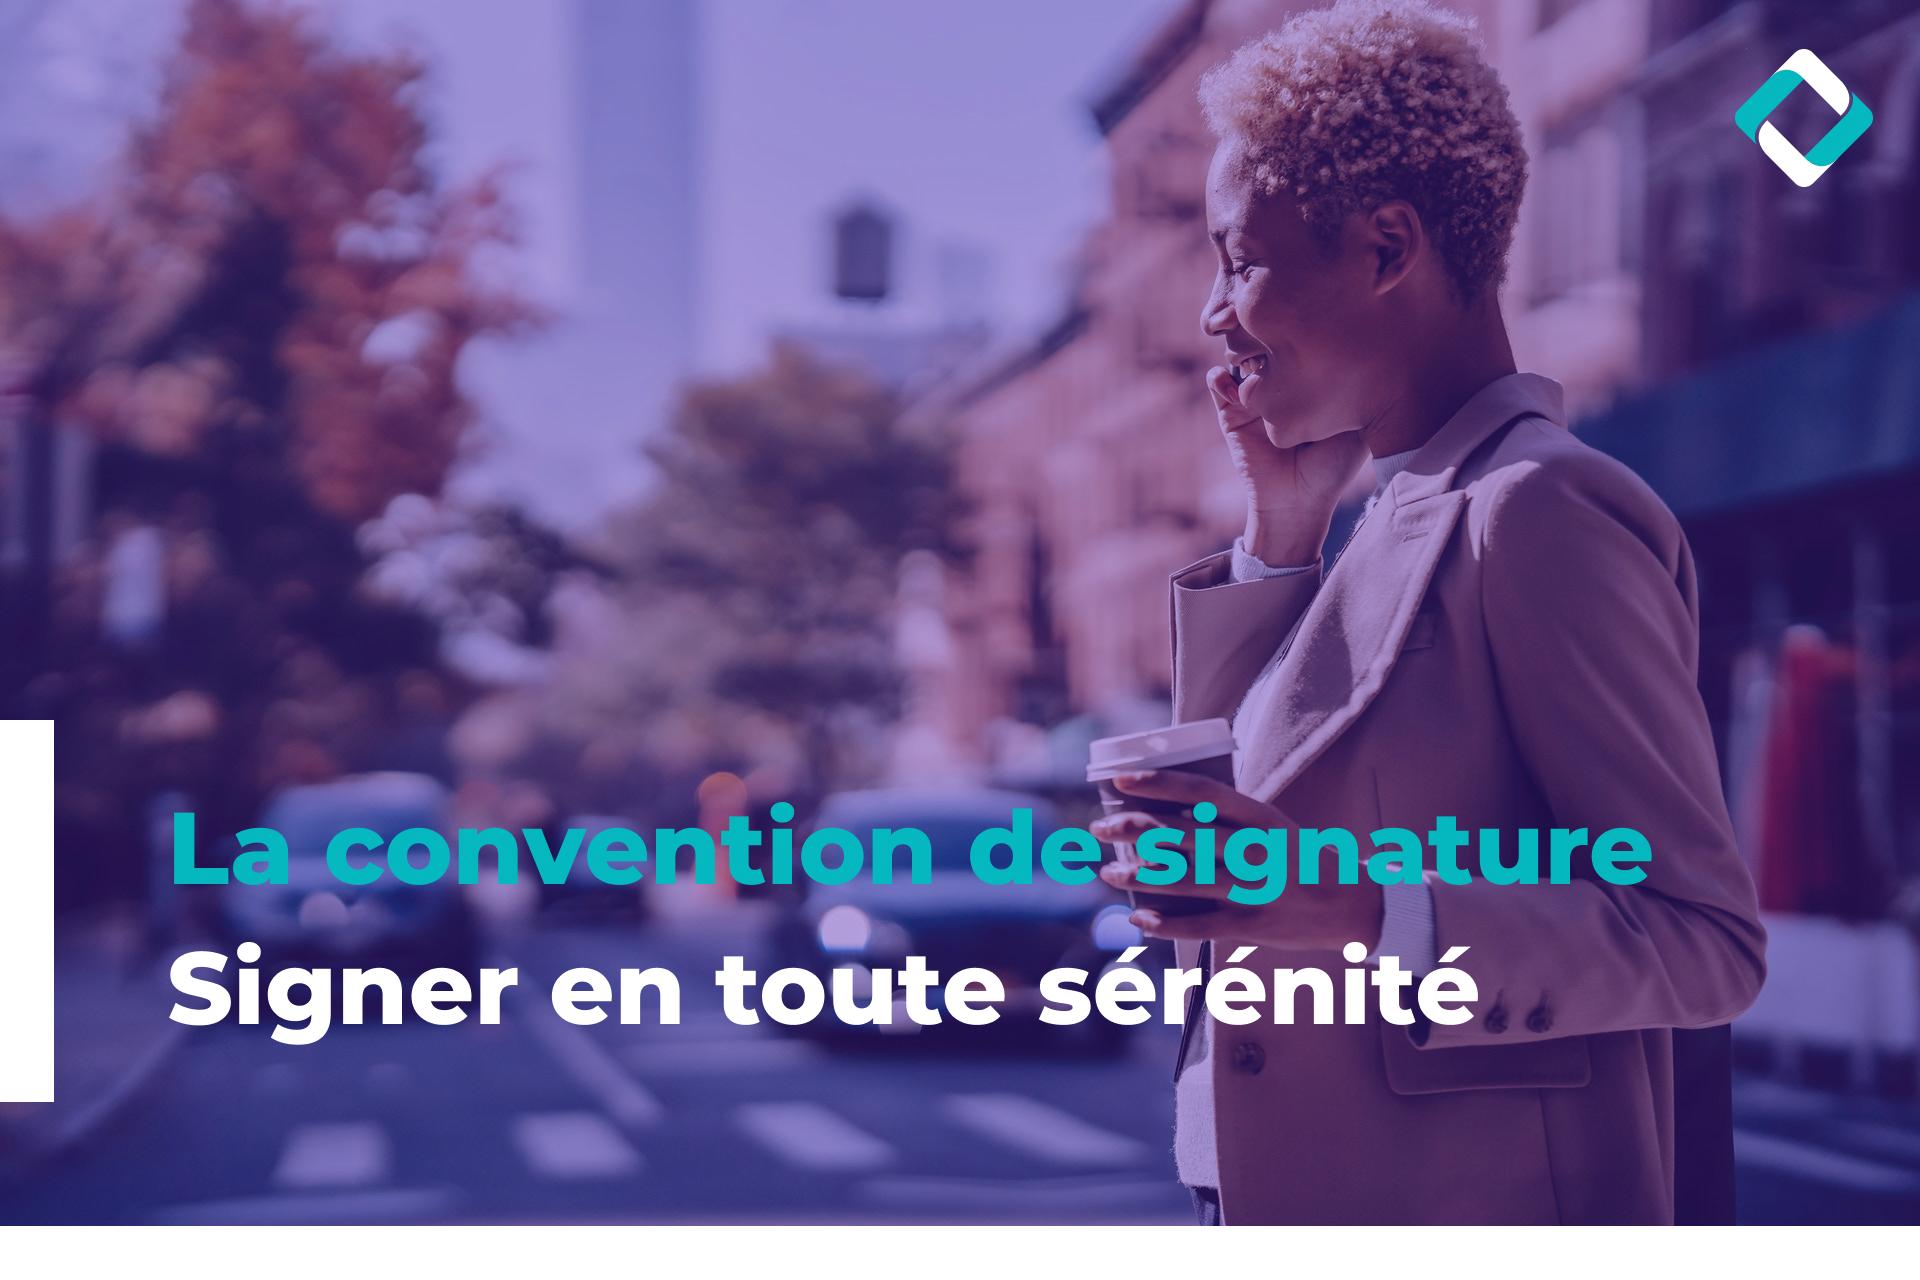 La convention de signature - Signer en toute sérénité